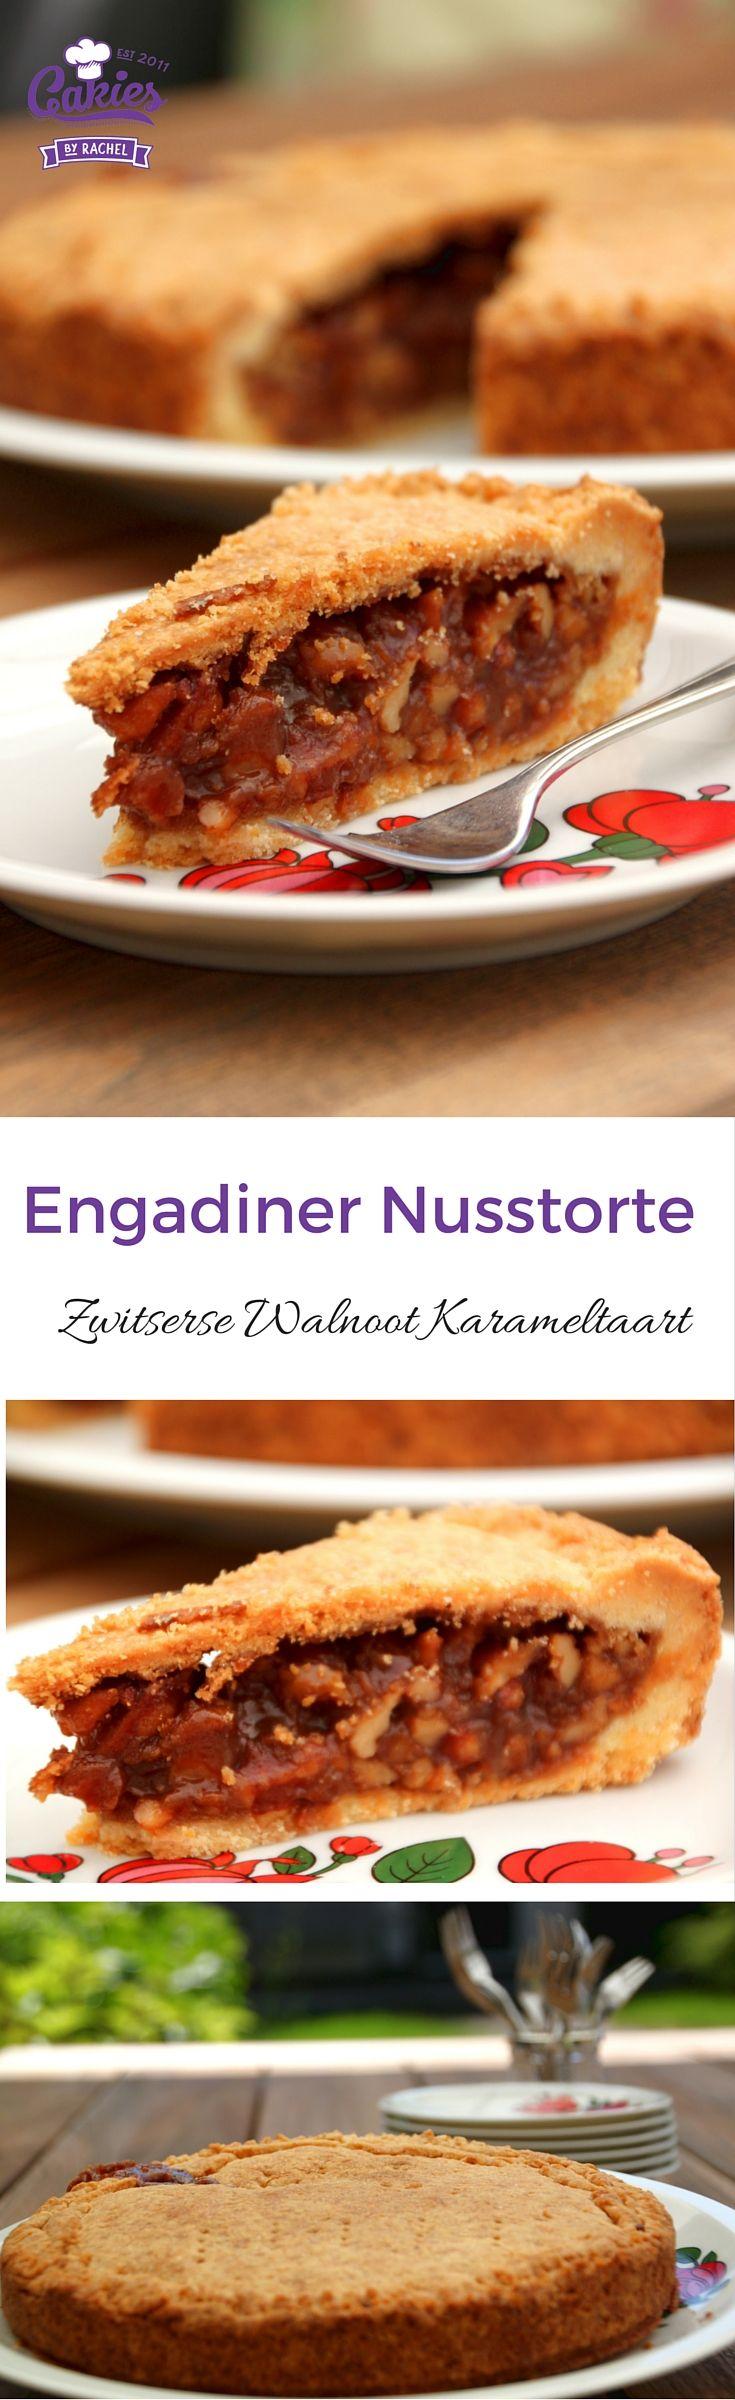 ZWITSERLAND: Engadiner Nusstorte Recept - Een heerlijke Zwitserse Walnoot Karameltaart.  Leuk om mini versies van te maken om als voetbal snack op tafel te zetten als Zwitserland spelt.